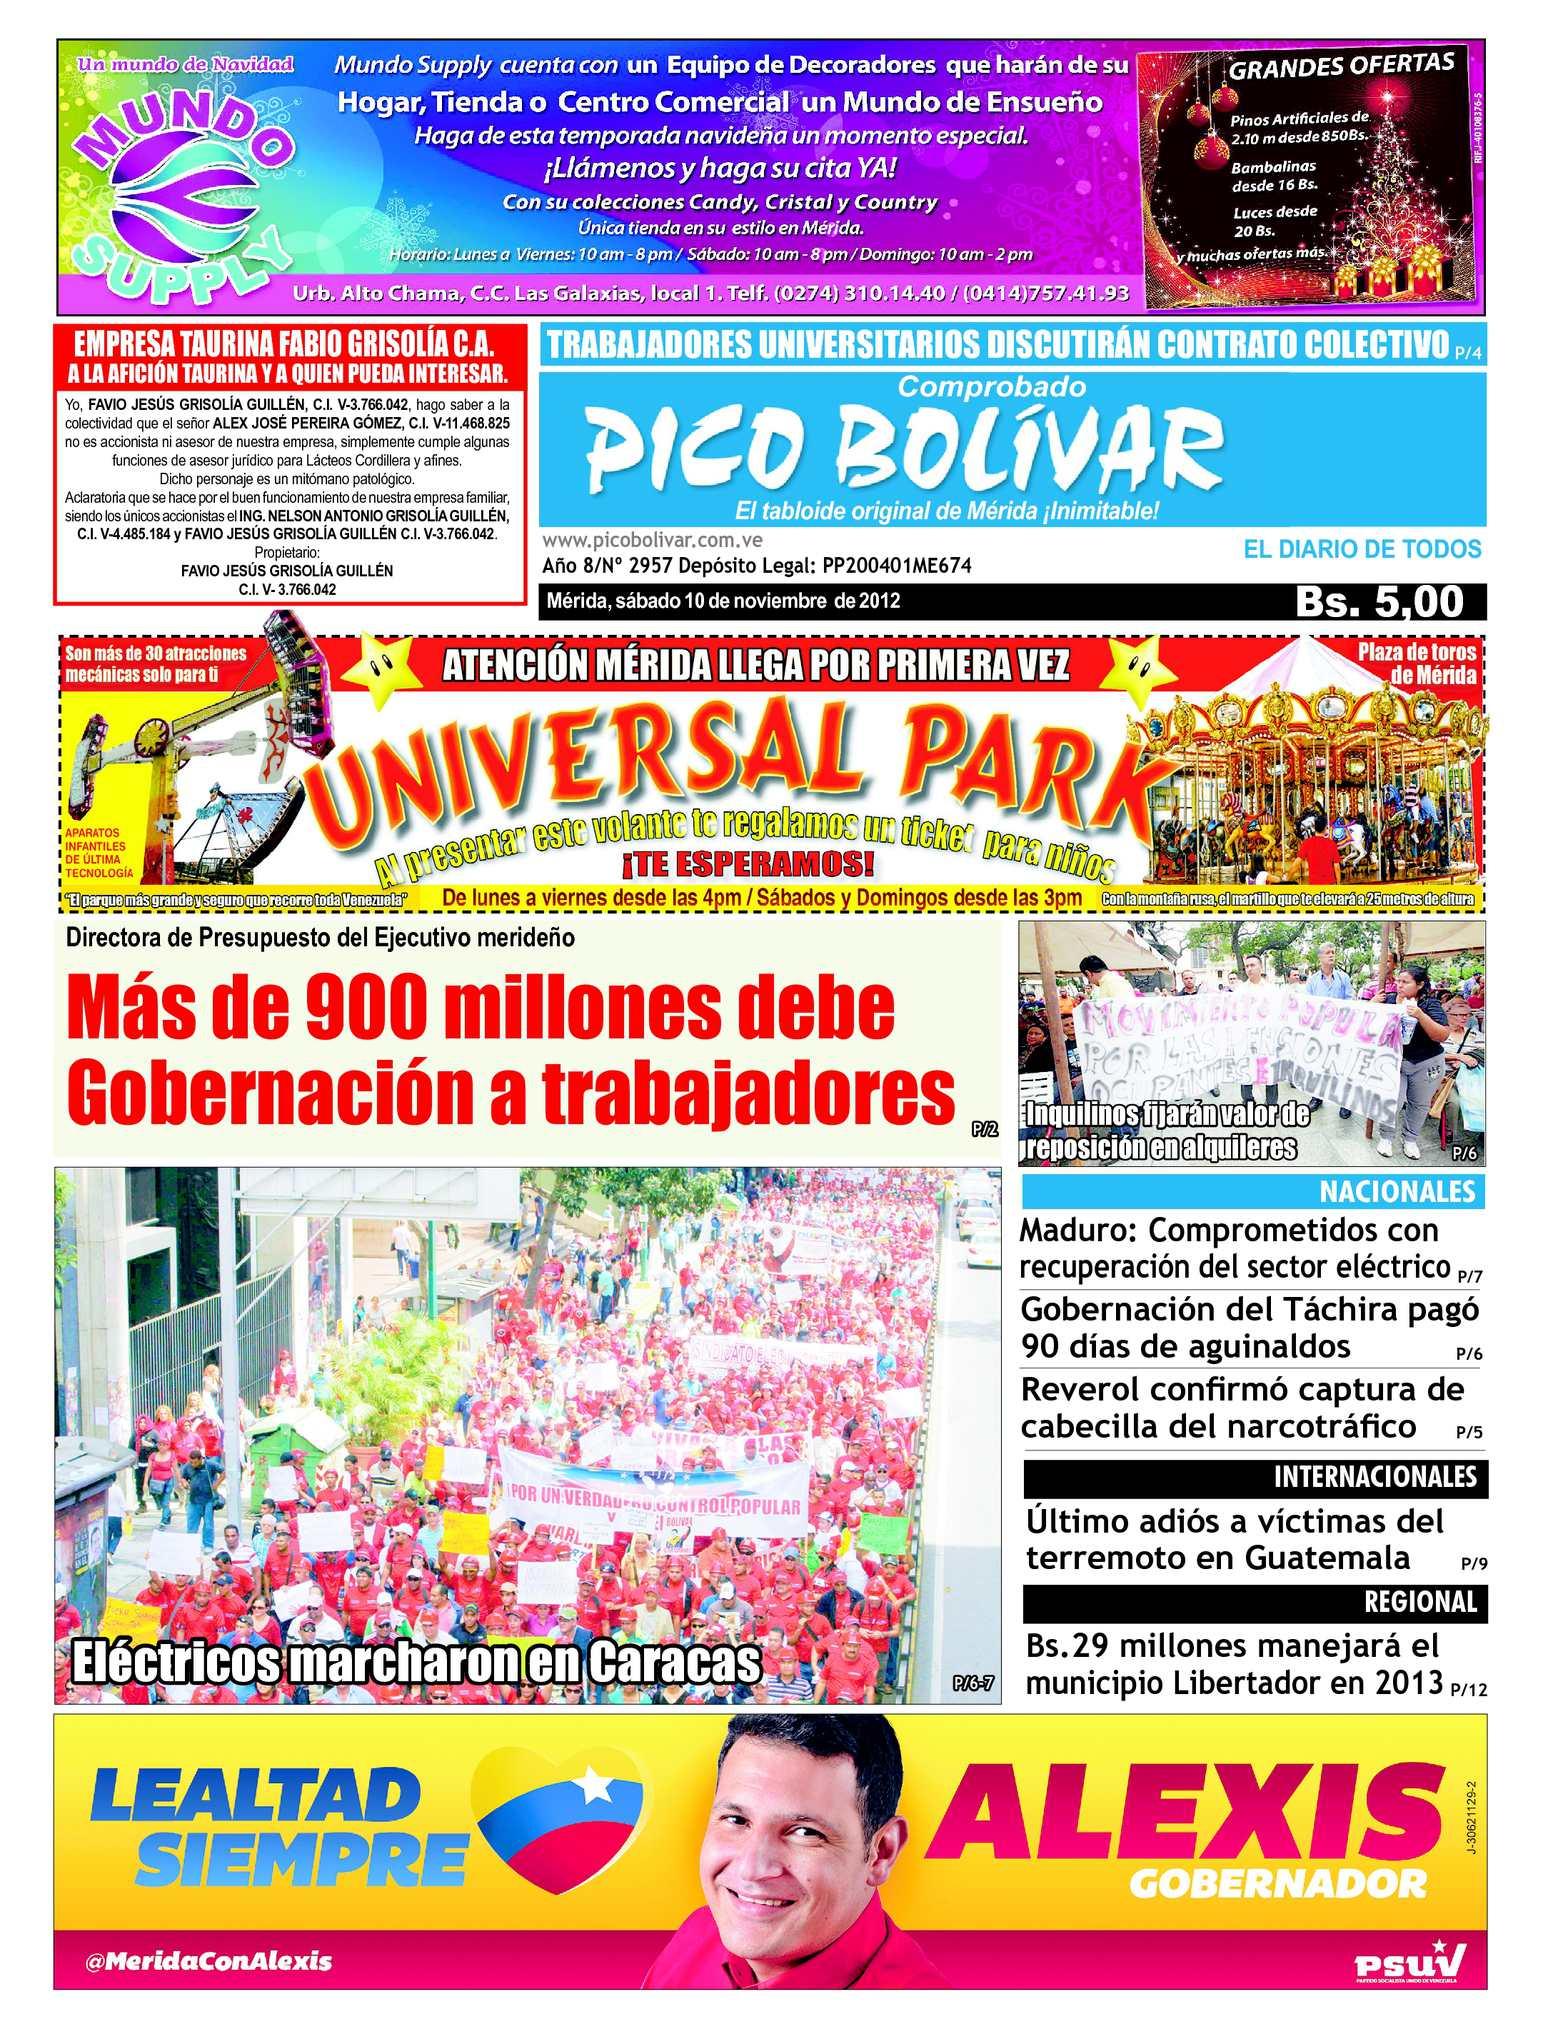 Calaméo - 10-11-2012